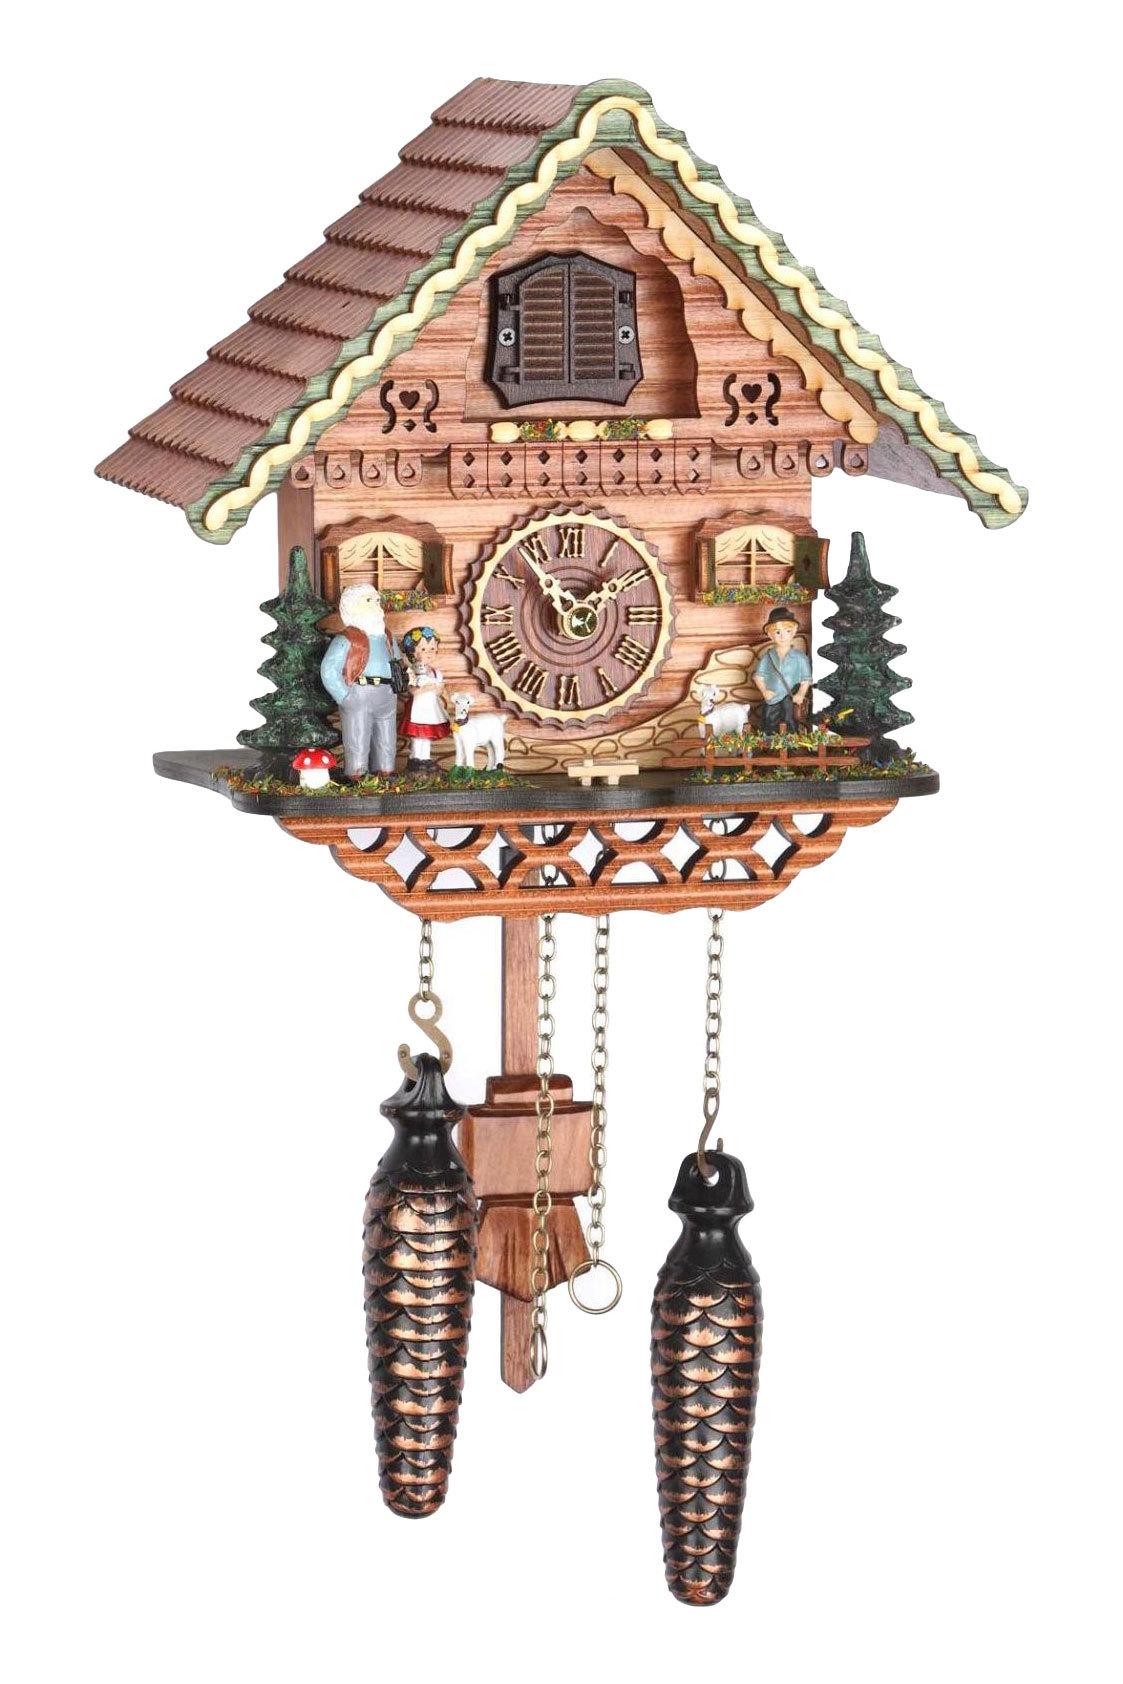 Часы настенные Часы настенные с кукушкой Trenkle 489 QM chasy-nastennye-s-kukushkoy-trenkle-489-qm-germaniya.jpg